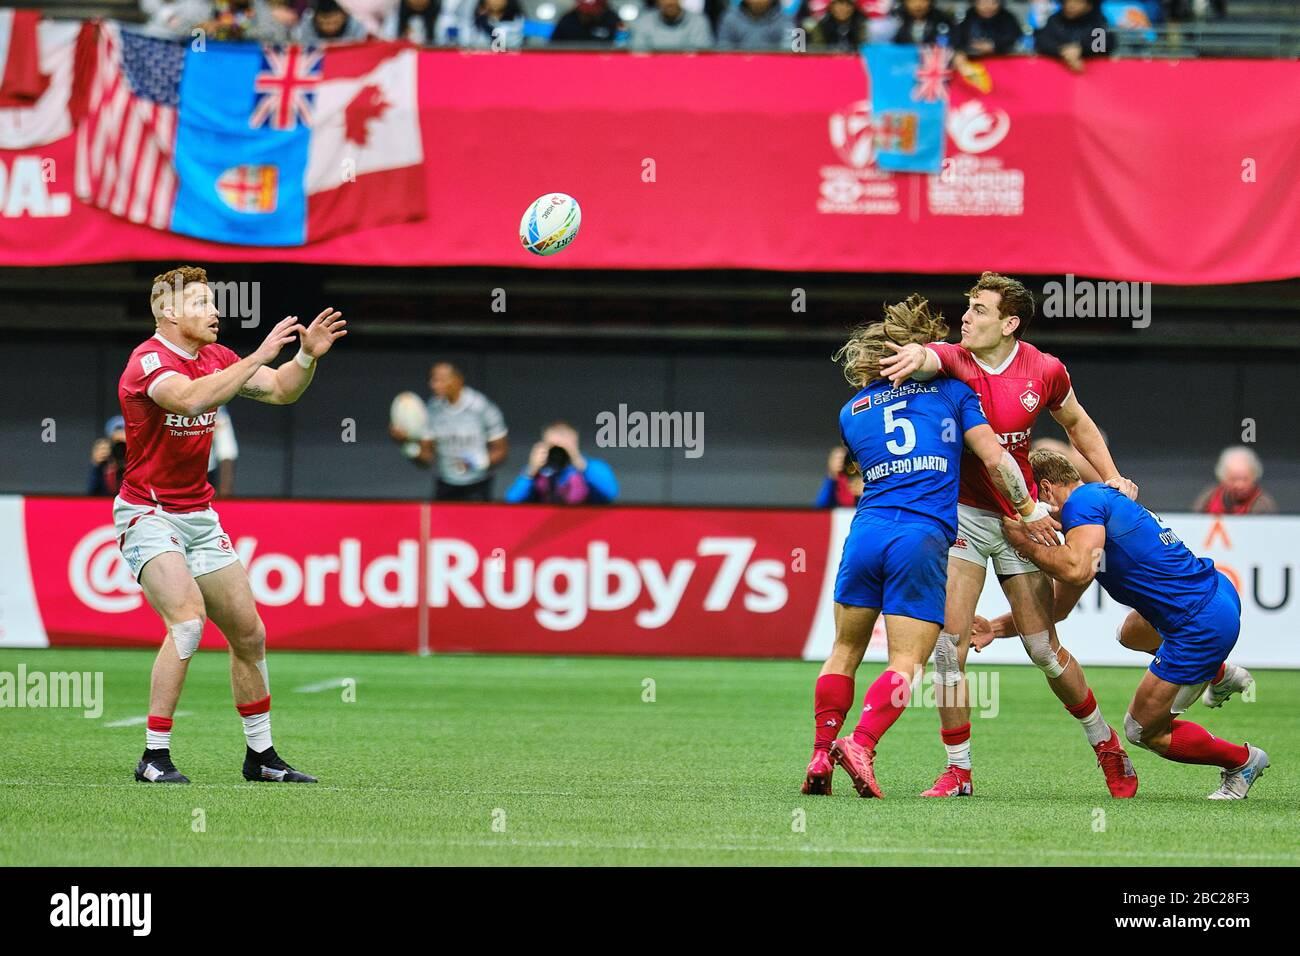 Vancouver, Canadá. 7 de marzo de 2020. Phil Berna #4 de Canadá pasa el balón al compañero de equipo Connor Braid #6 (izquierda) antes de ser abordado por Stephen Perez #5 de F. Foto de stock